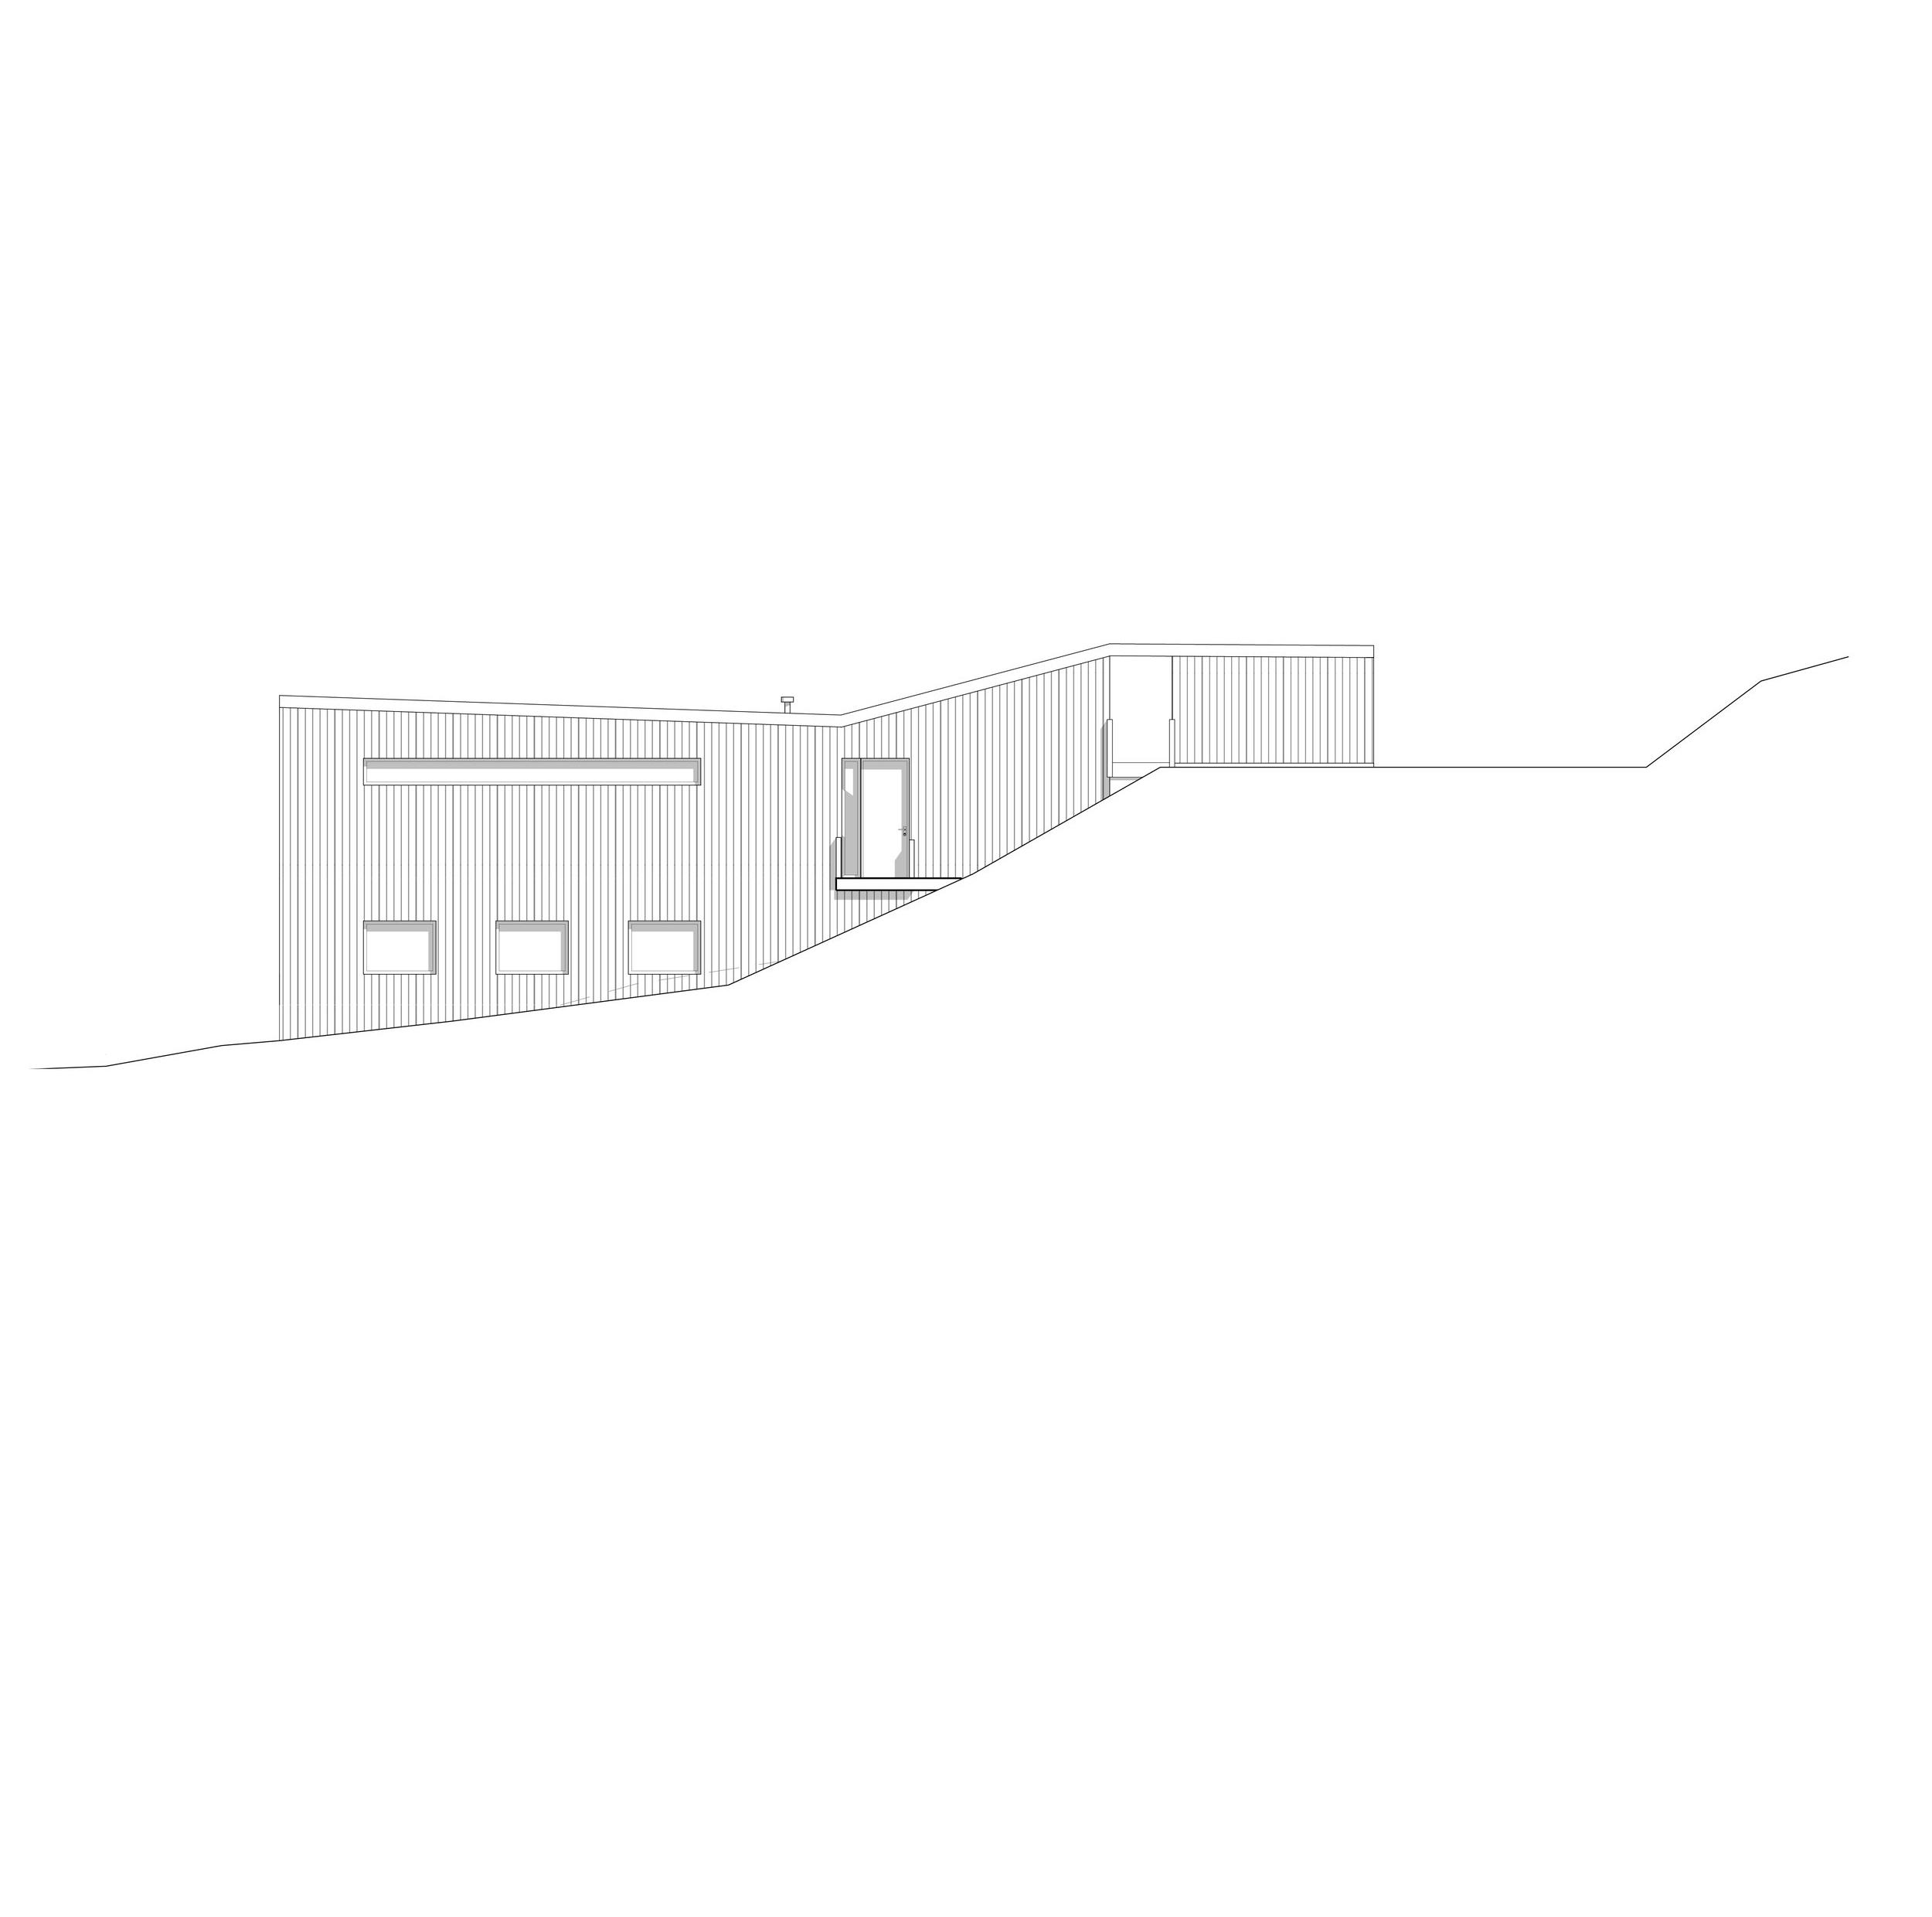 104604272_Tegning_ny_fasade3.jpg